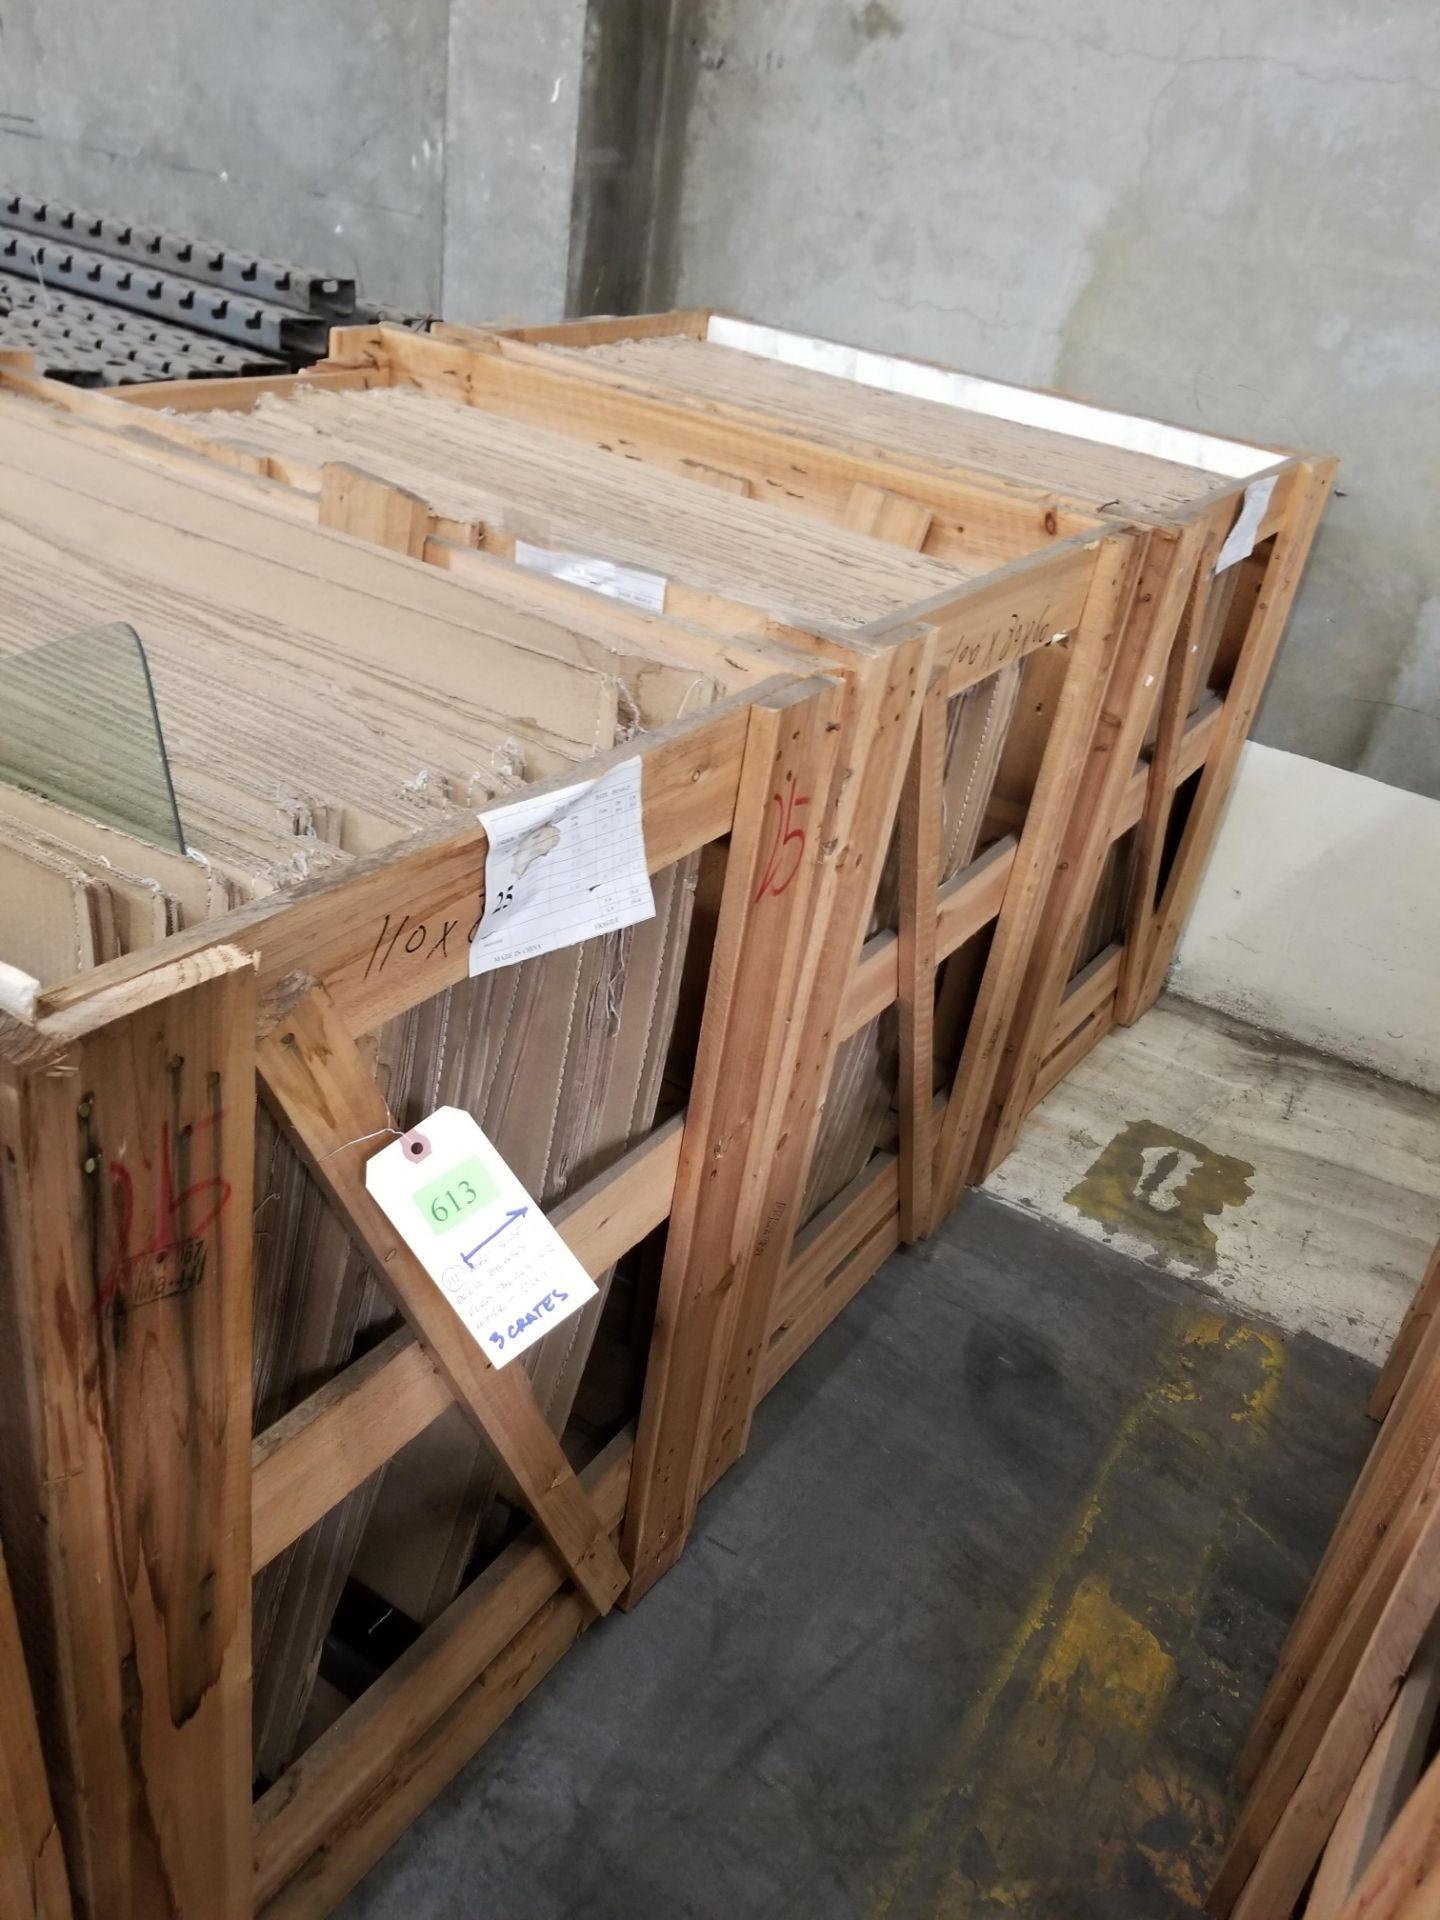 ASST SIDE DOOR GLASS FORD TAURUS02 HONDA01 3X